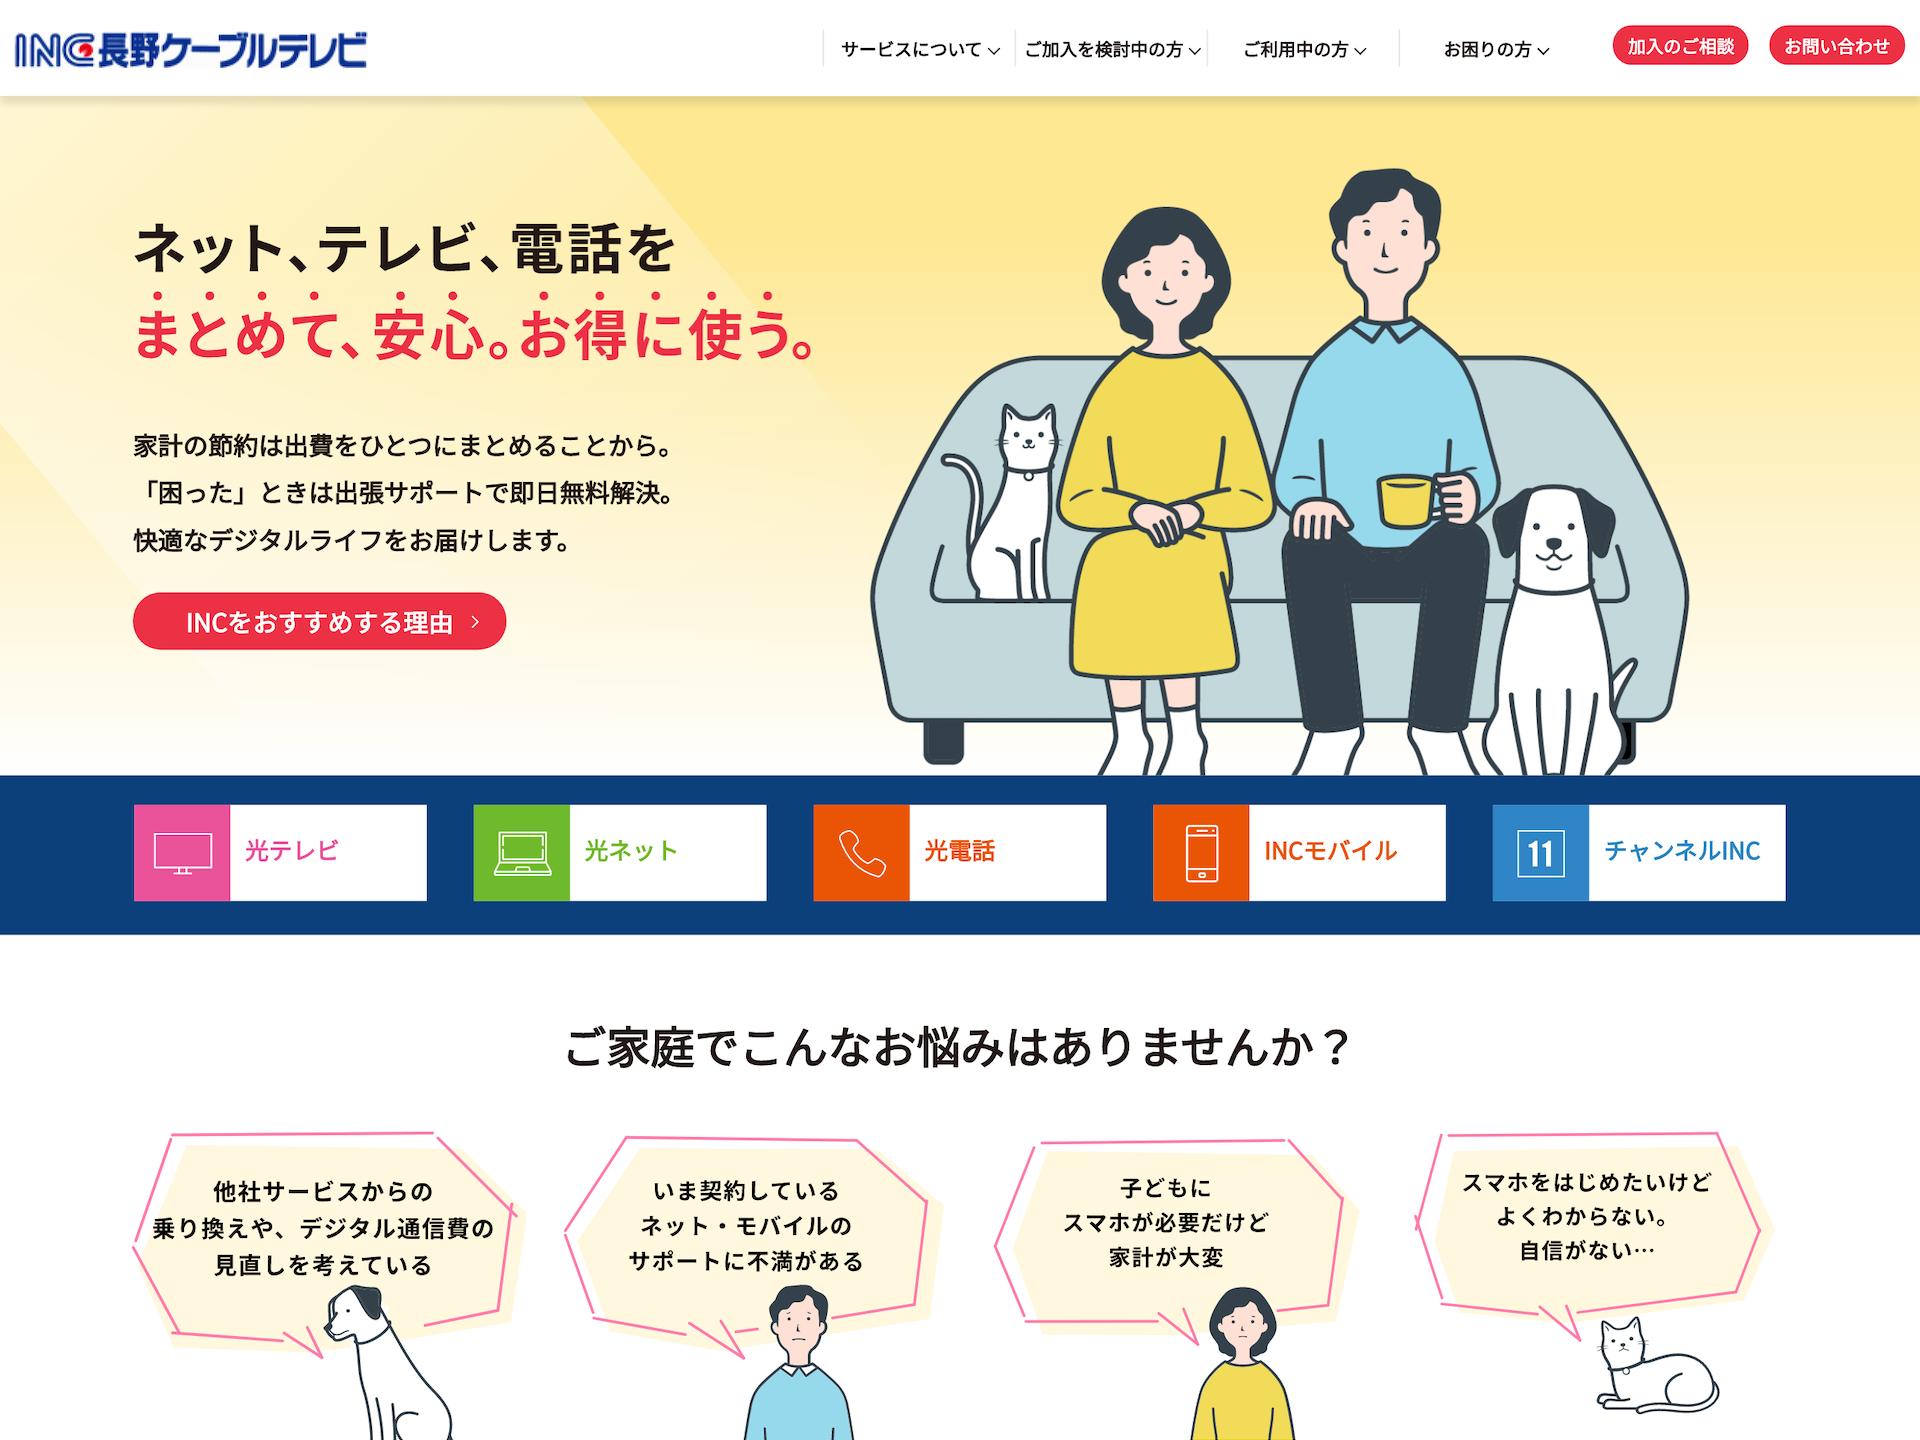 INC長野ケーブルテレビ様